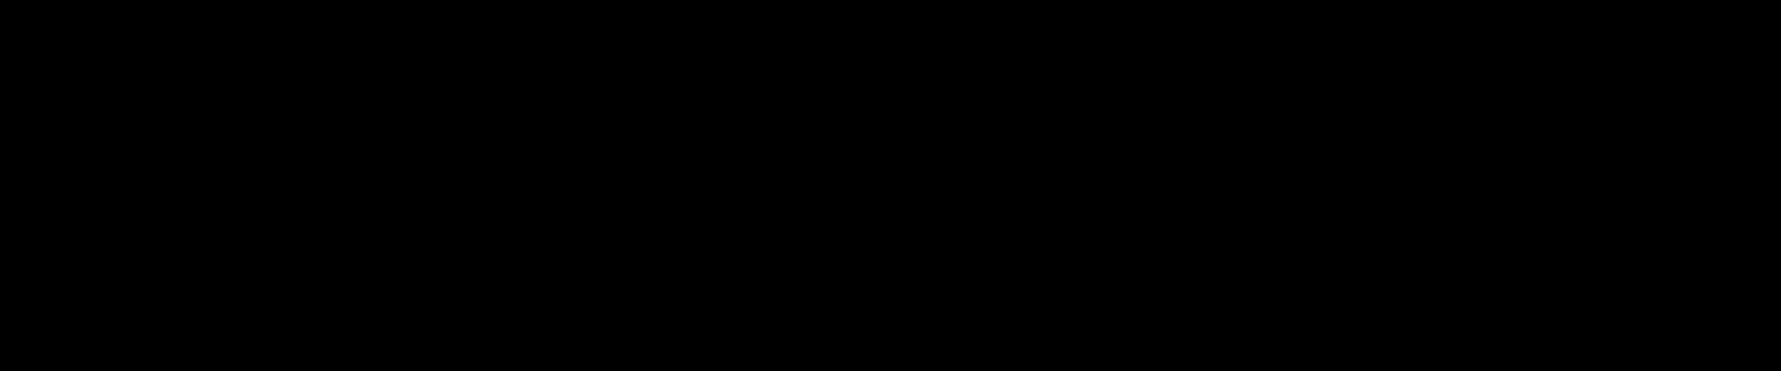 ZakoNoc - Tanie Noclegi w Zakopane i Okolice | ZakoNoc – Tanie Noclegi w Zakopane i Okolice   Biały Dunajec